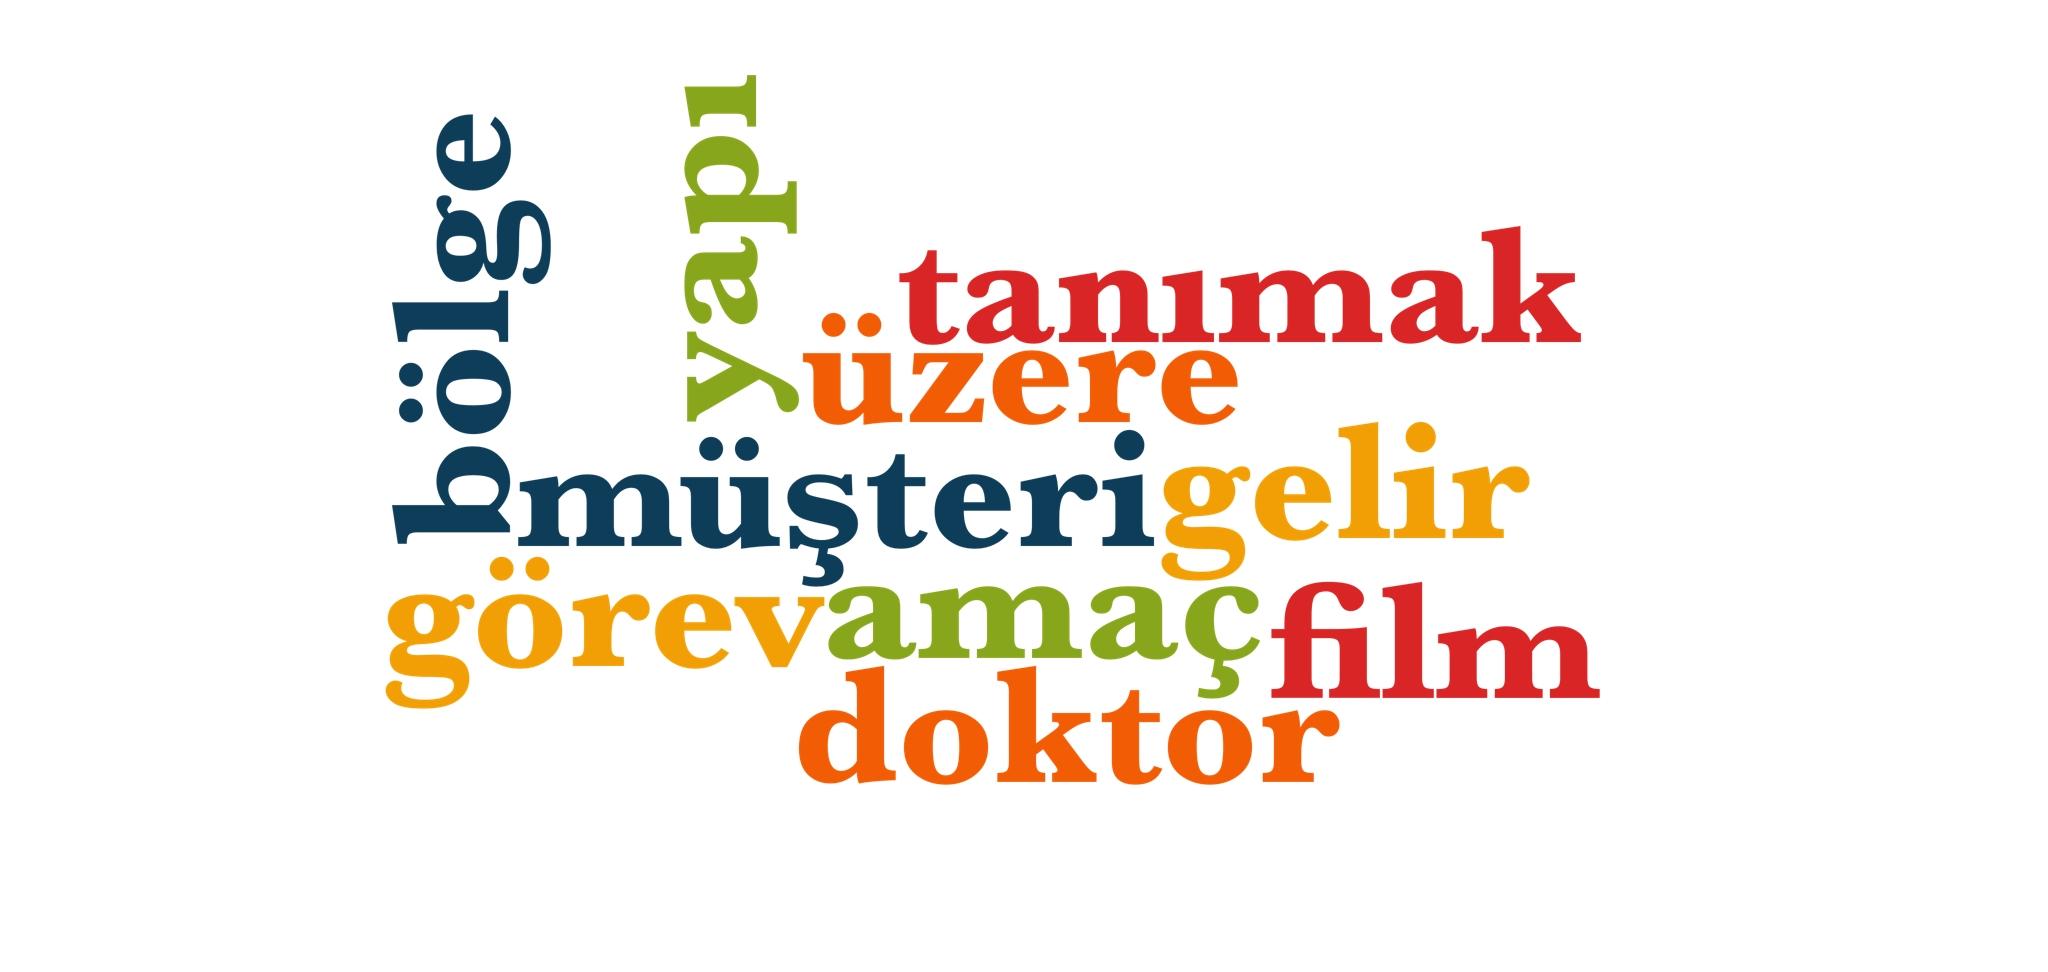 Wörter 281 bis 290 der 1000 häufigsten Wörter der türkischen Sprache